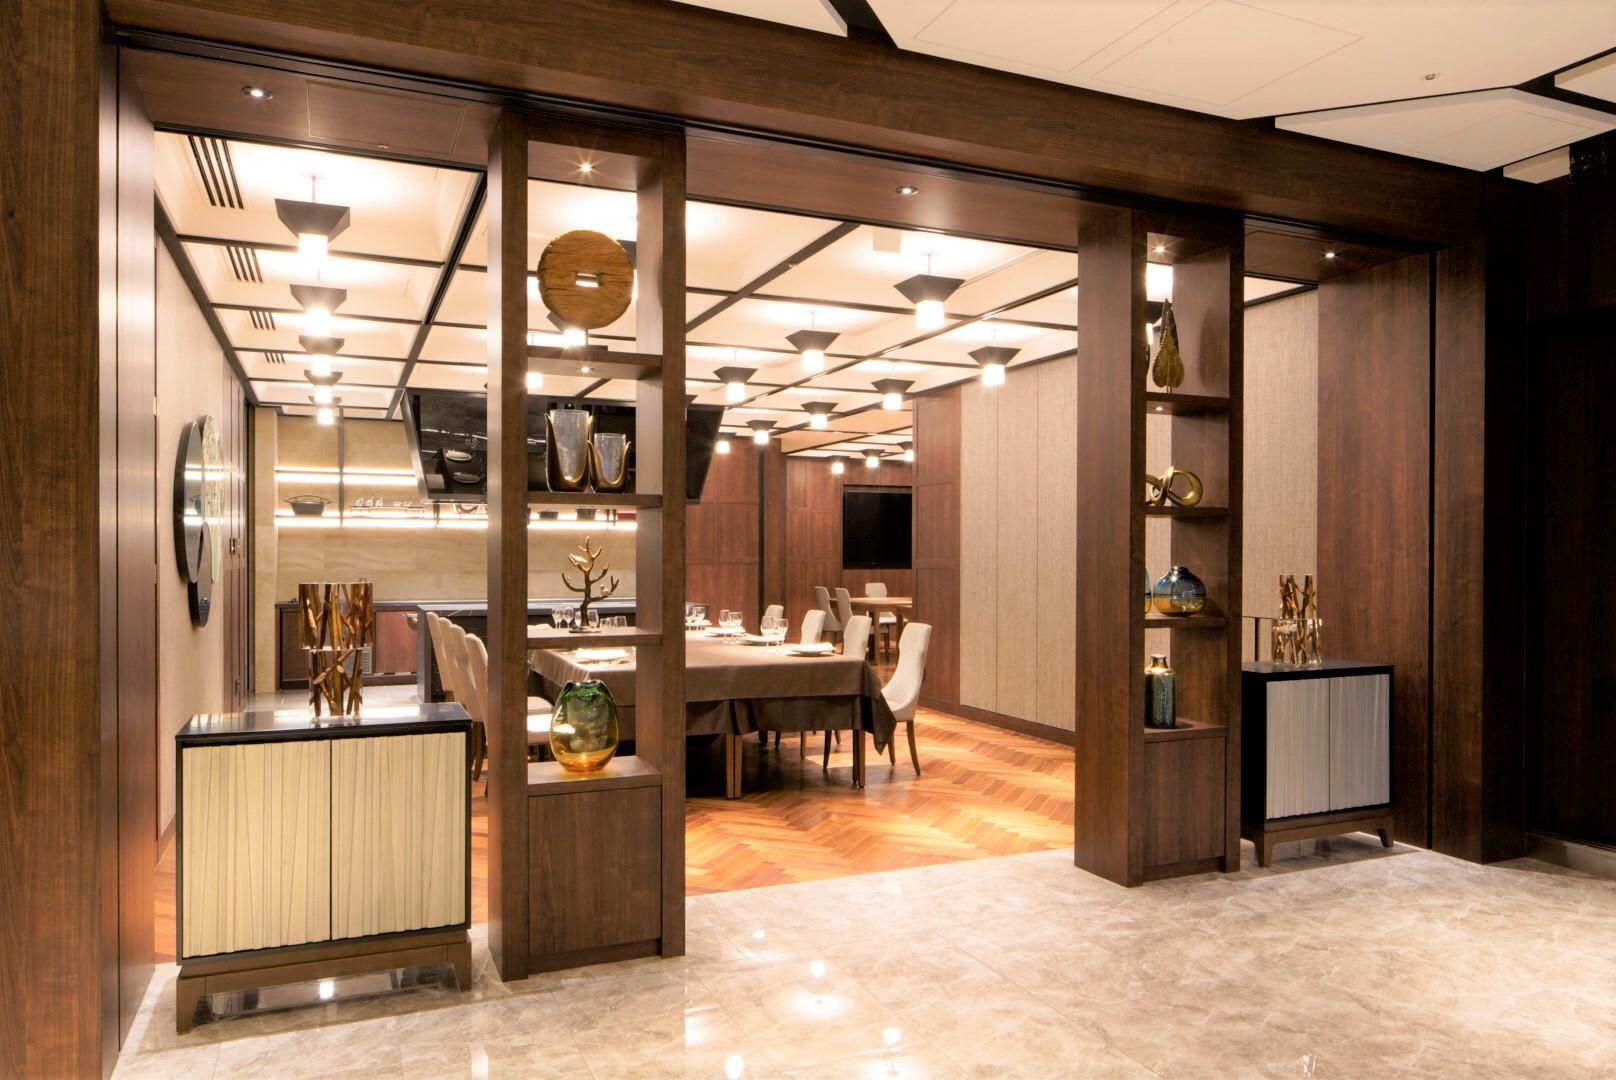 【ホテルグランバッハ東京銀座】あなたの「こうしたい!」を叶えるオーダーメイドの食体験「パーソナルウェルネスディナー」の予約受付を10月25日から開始